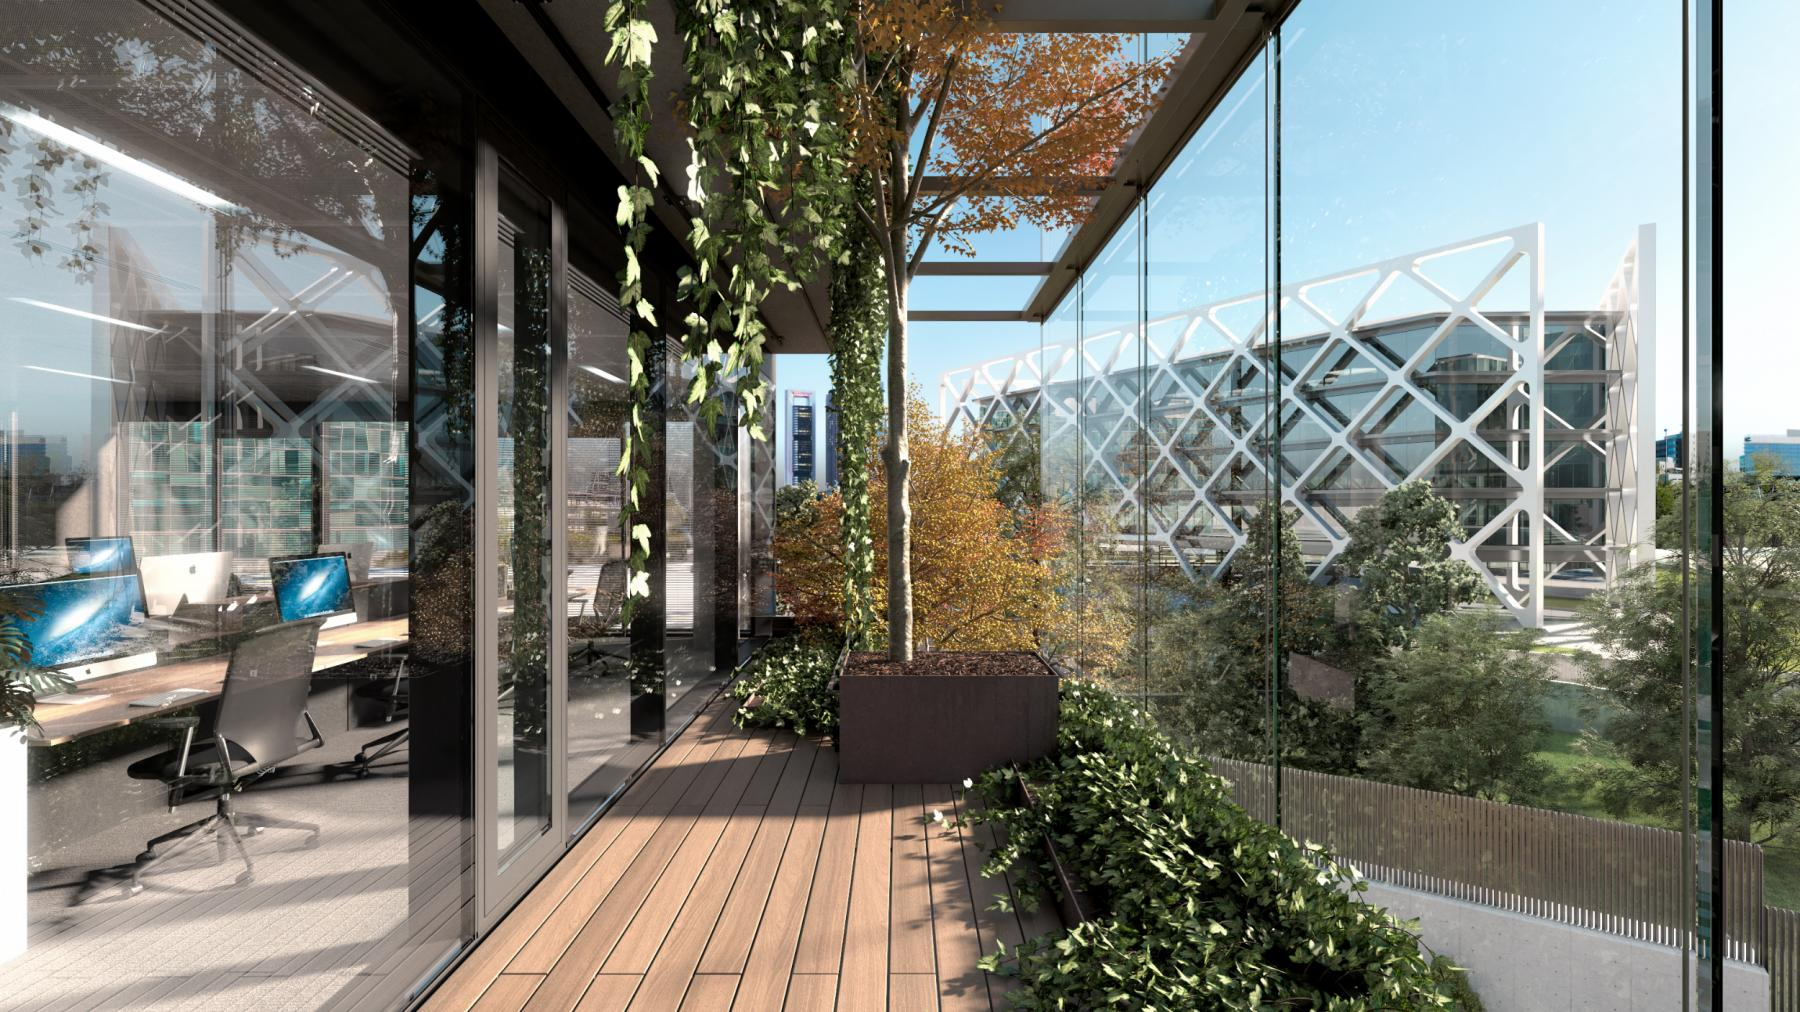 Alquilar oficinas Quintanadueñas 6, Madrid (1)